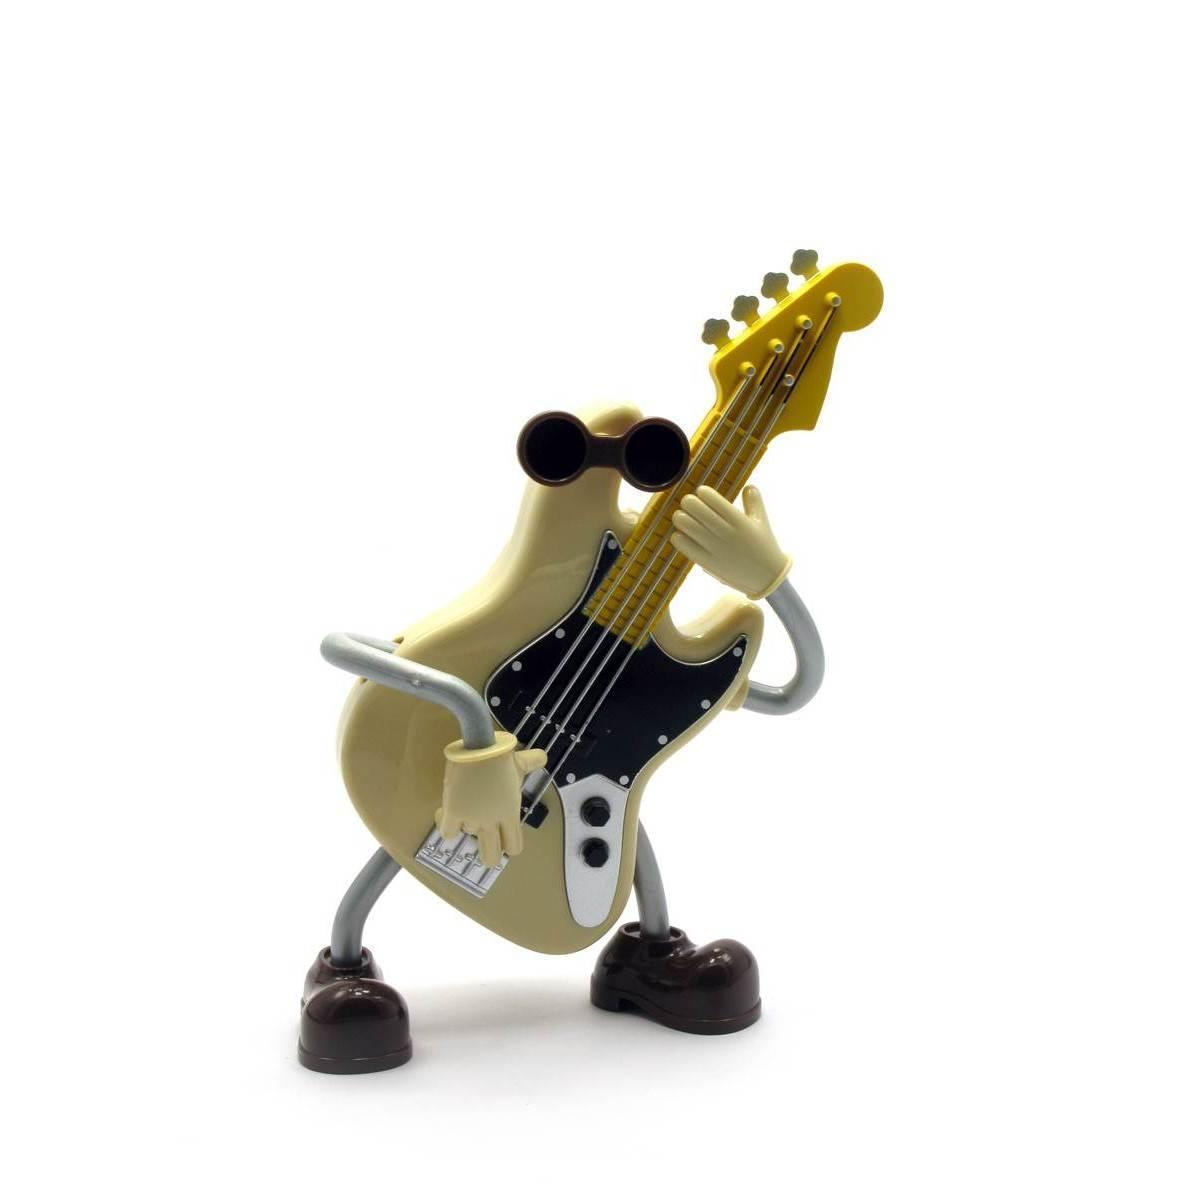 Игрушка музыкальная гитара Заводится ключом,при игре танцует 18х13х6 см 27975